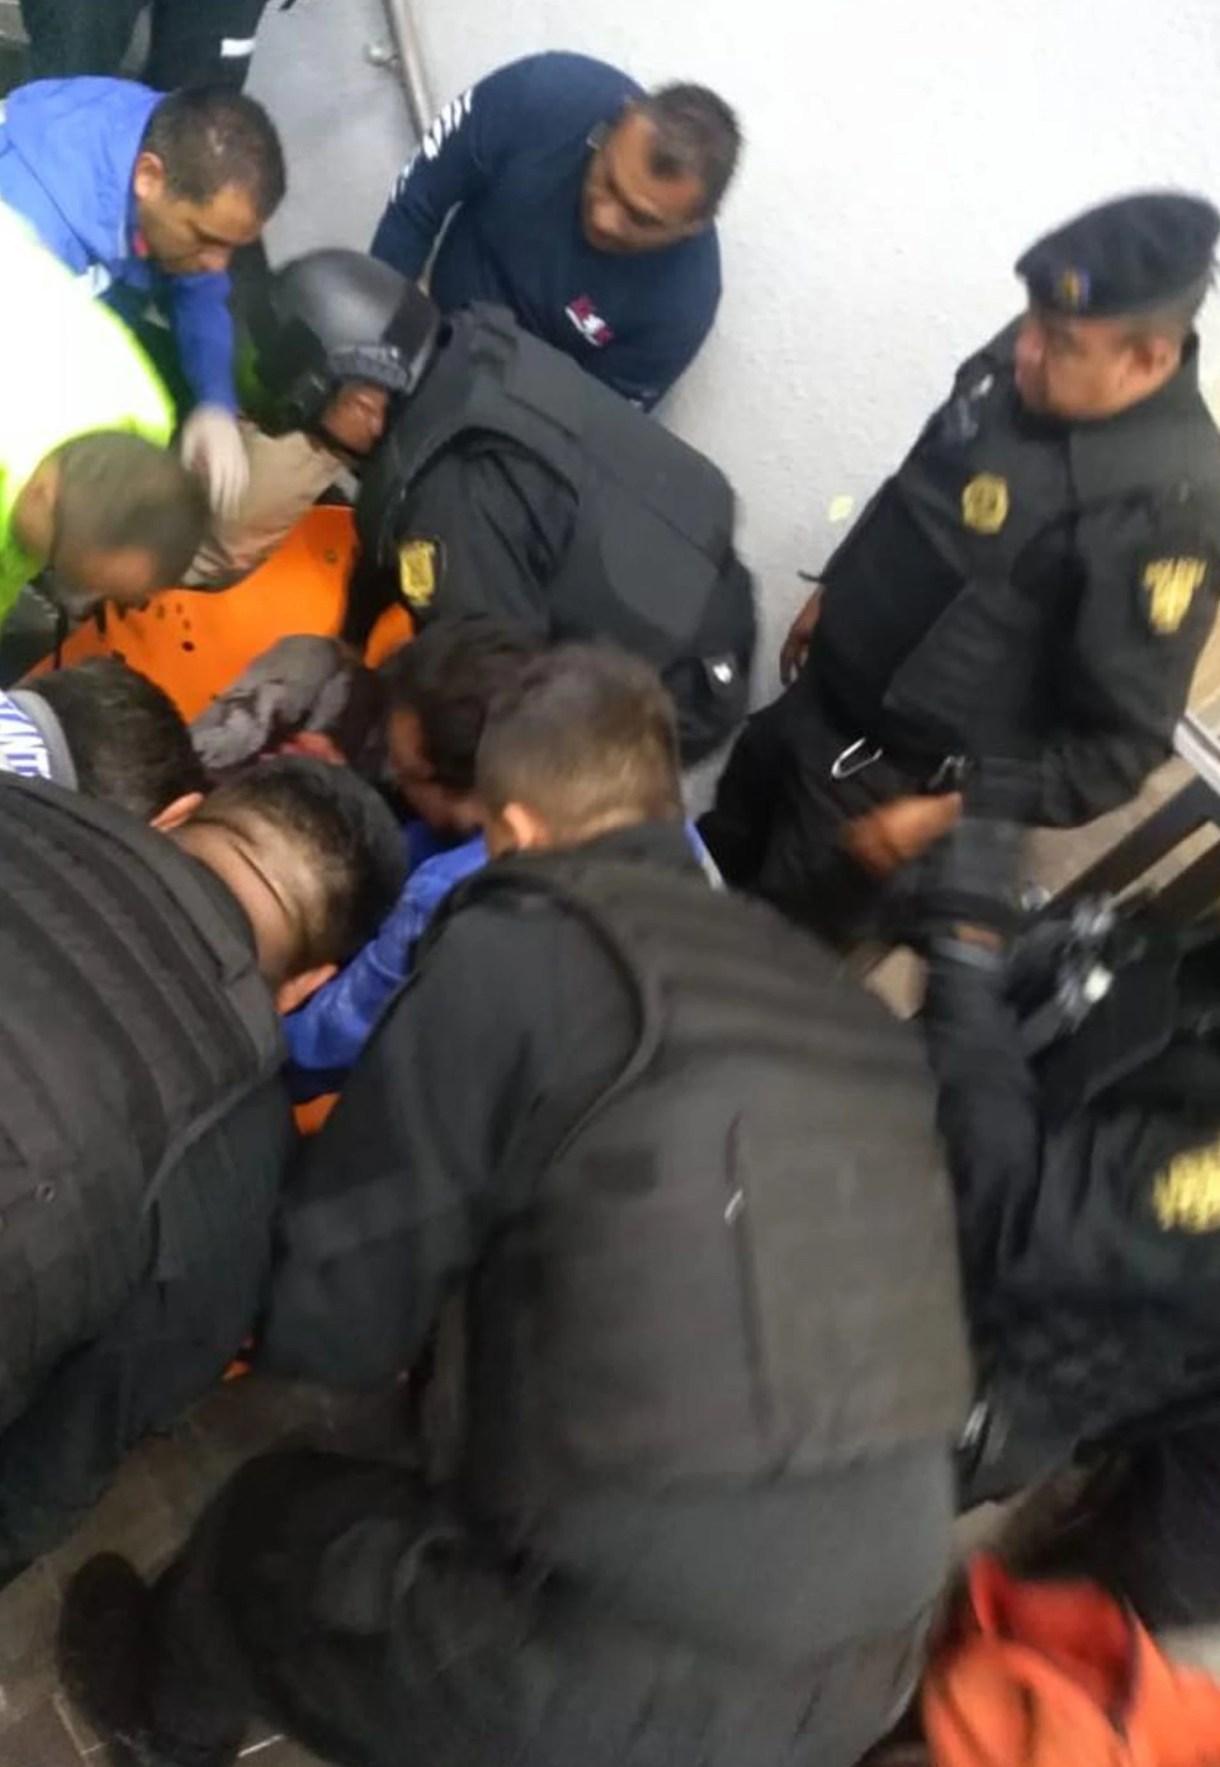 Luego de lesionarse en el cuello, aceptó ser auxiliado por elementos de seguridad y de emergencias (Foto: especial)